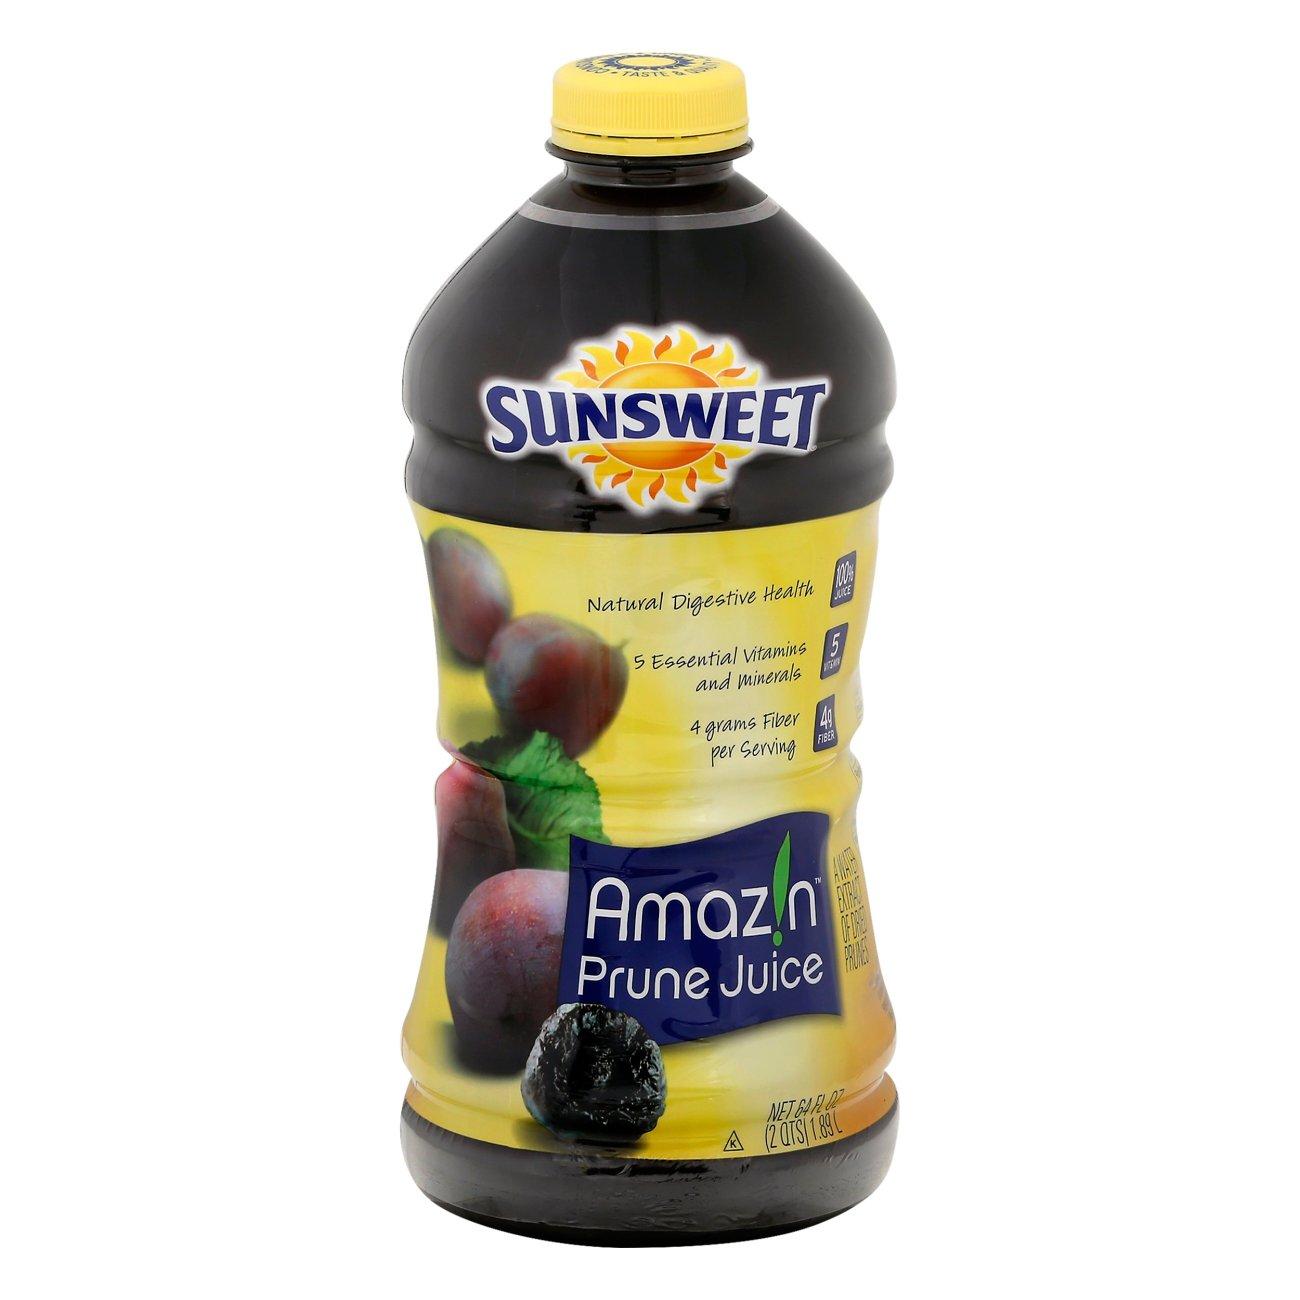 Sunsweet Prune Juice Shop Juice At H E B